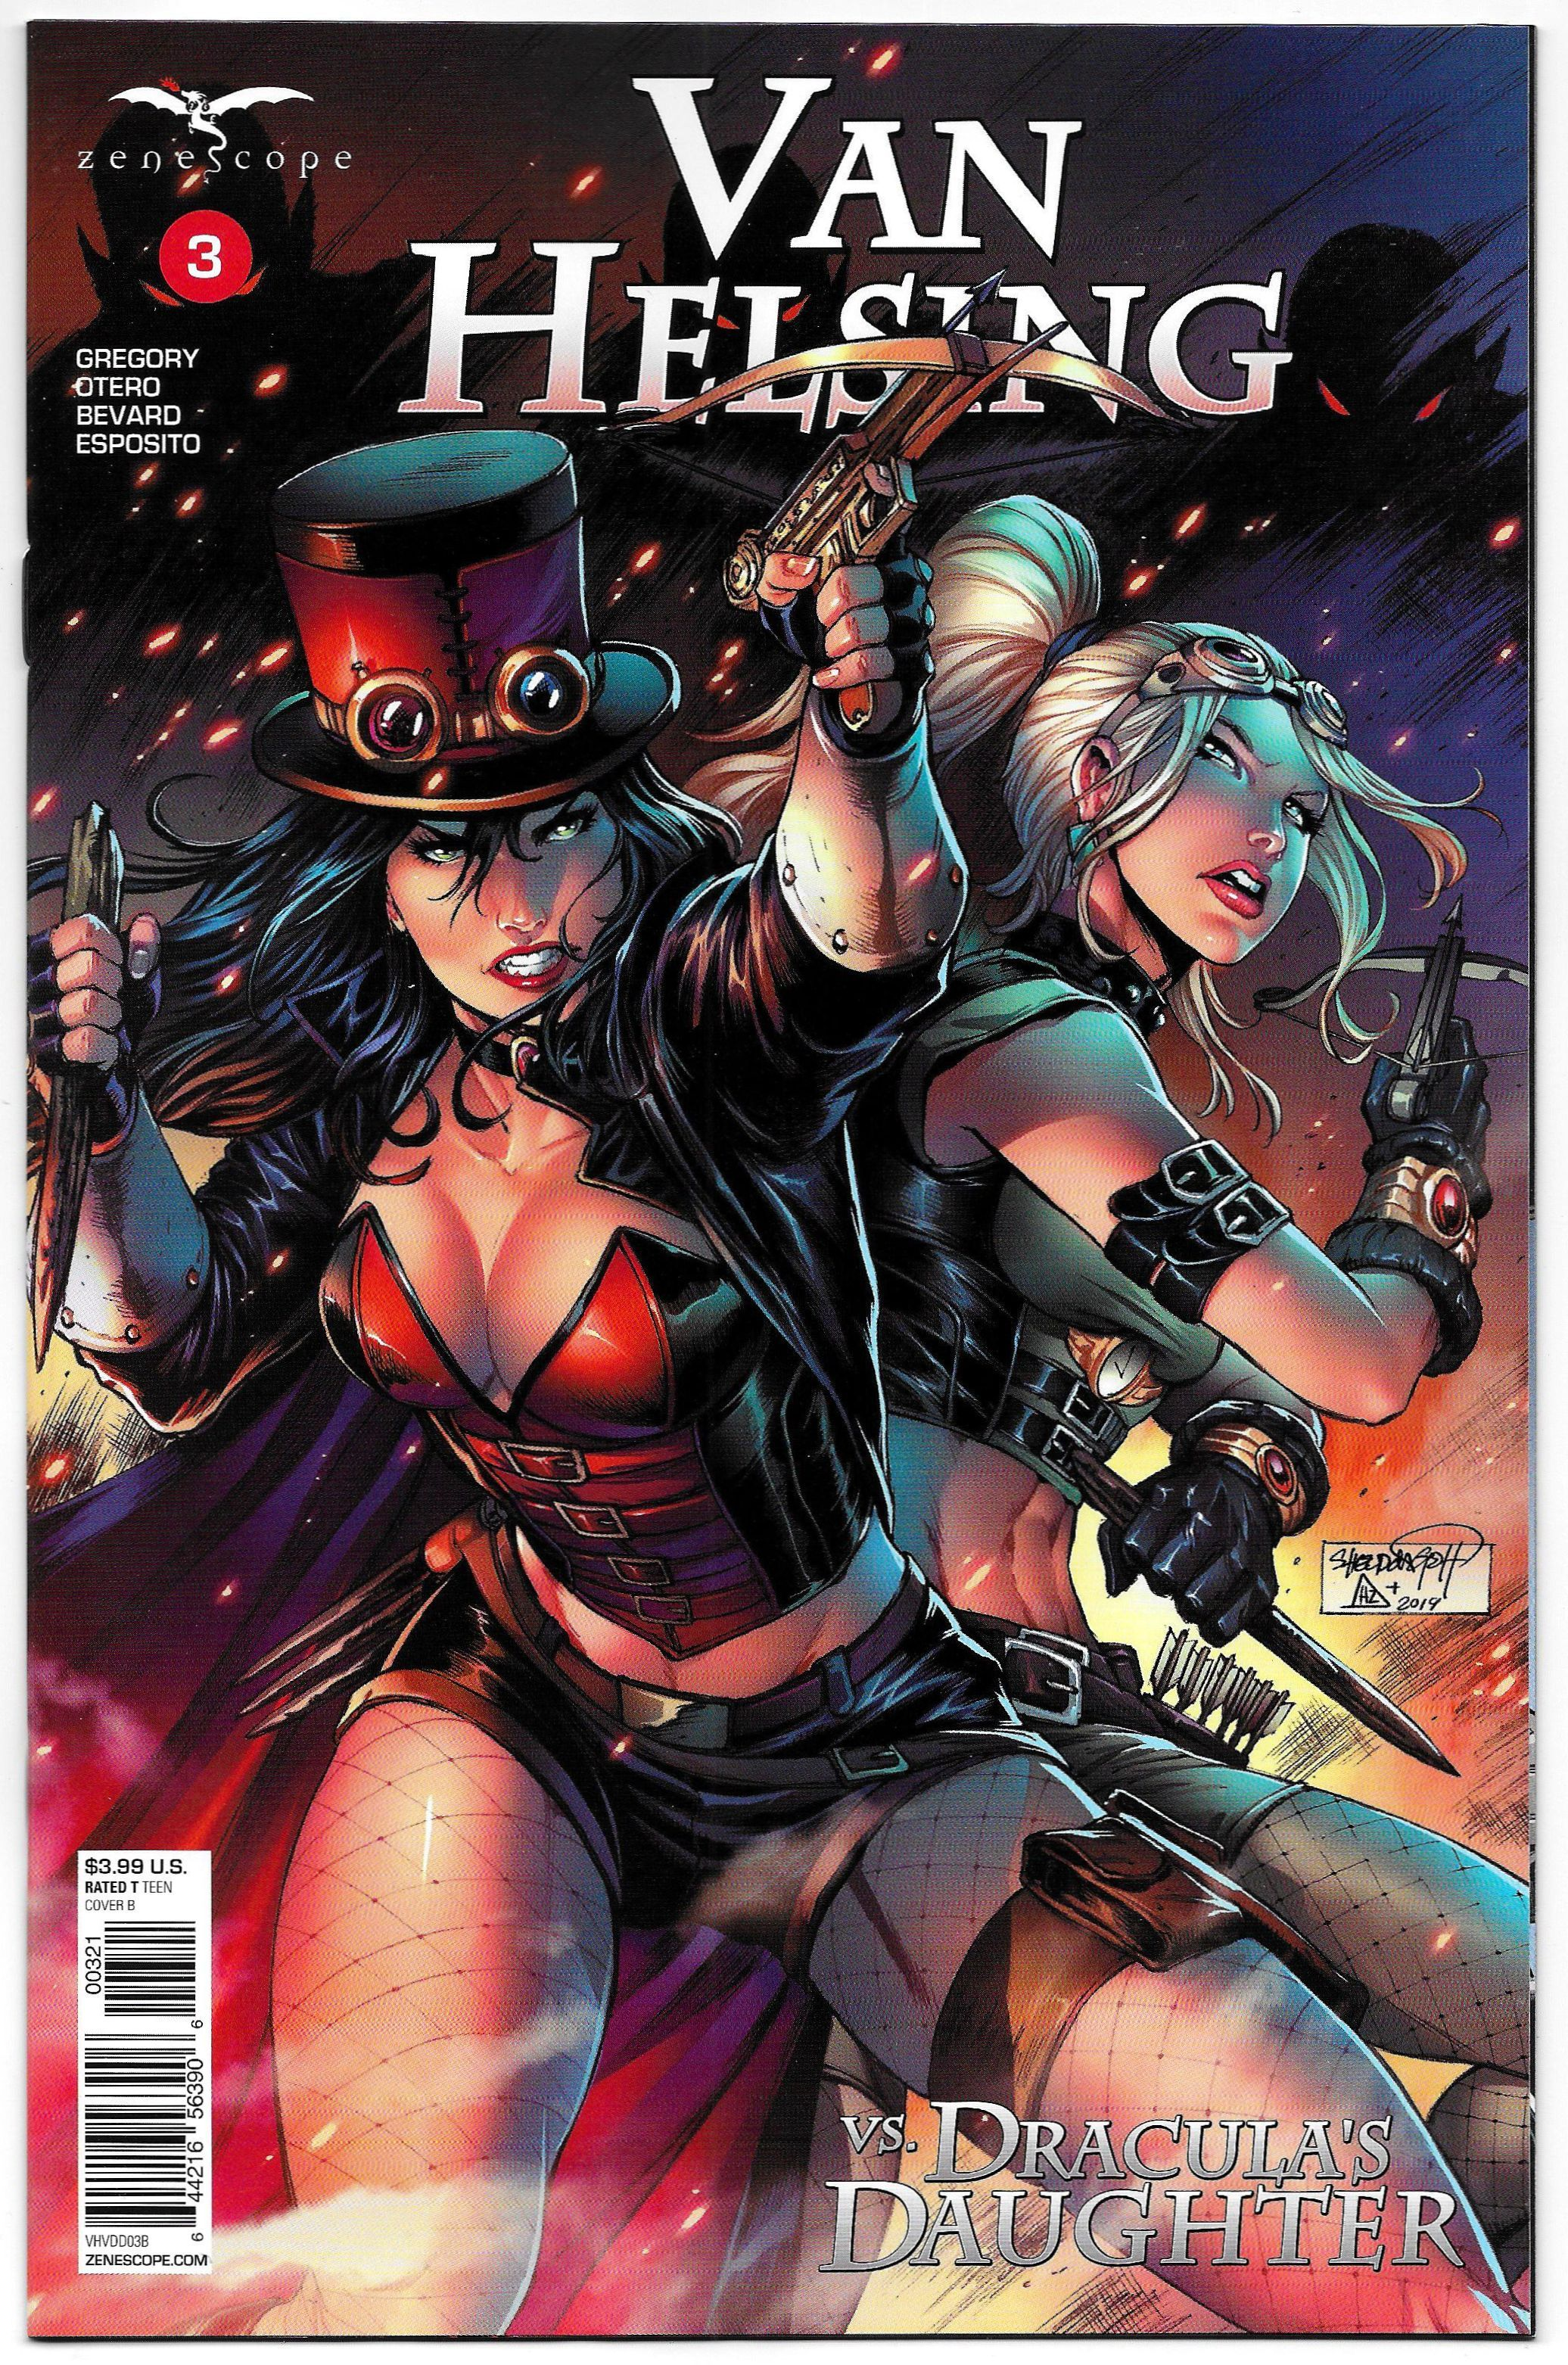 Vault 35 GFT NO TOMORROW #4 Cover A NM Zenescope Comic